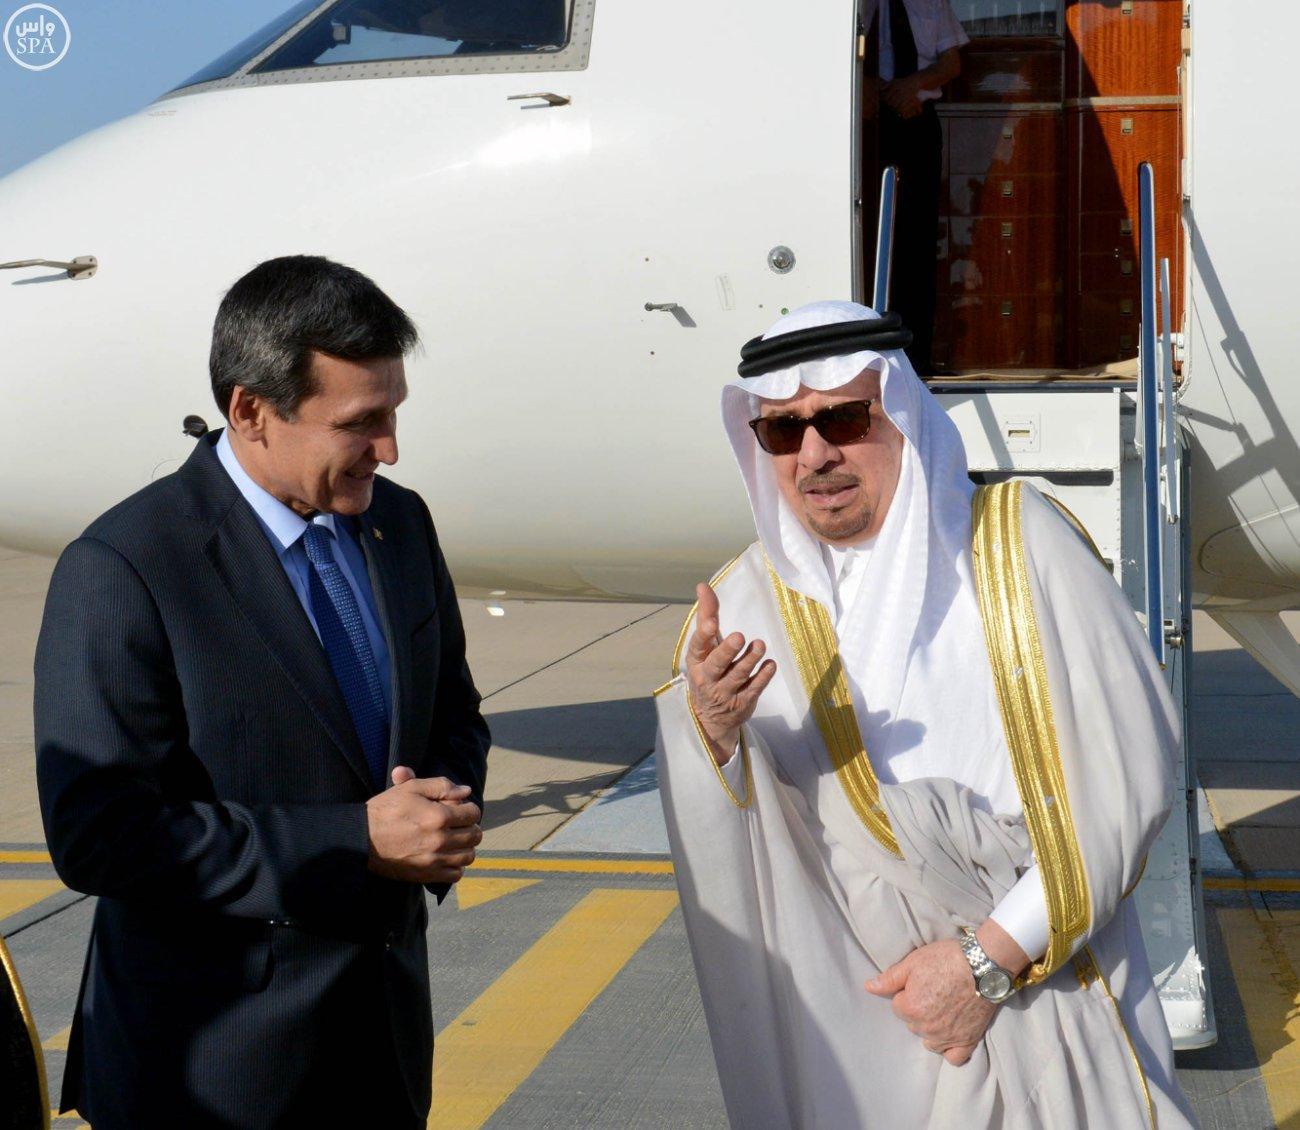 وزير الدولة للشؤون الخارجية نزار بن عبيد مدني يستقبل  وزير خارجية تركمانستان رشيد ميريدوف (1)